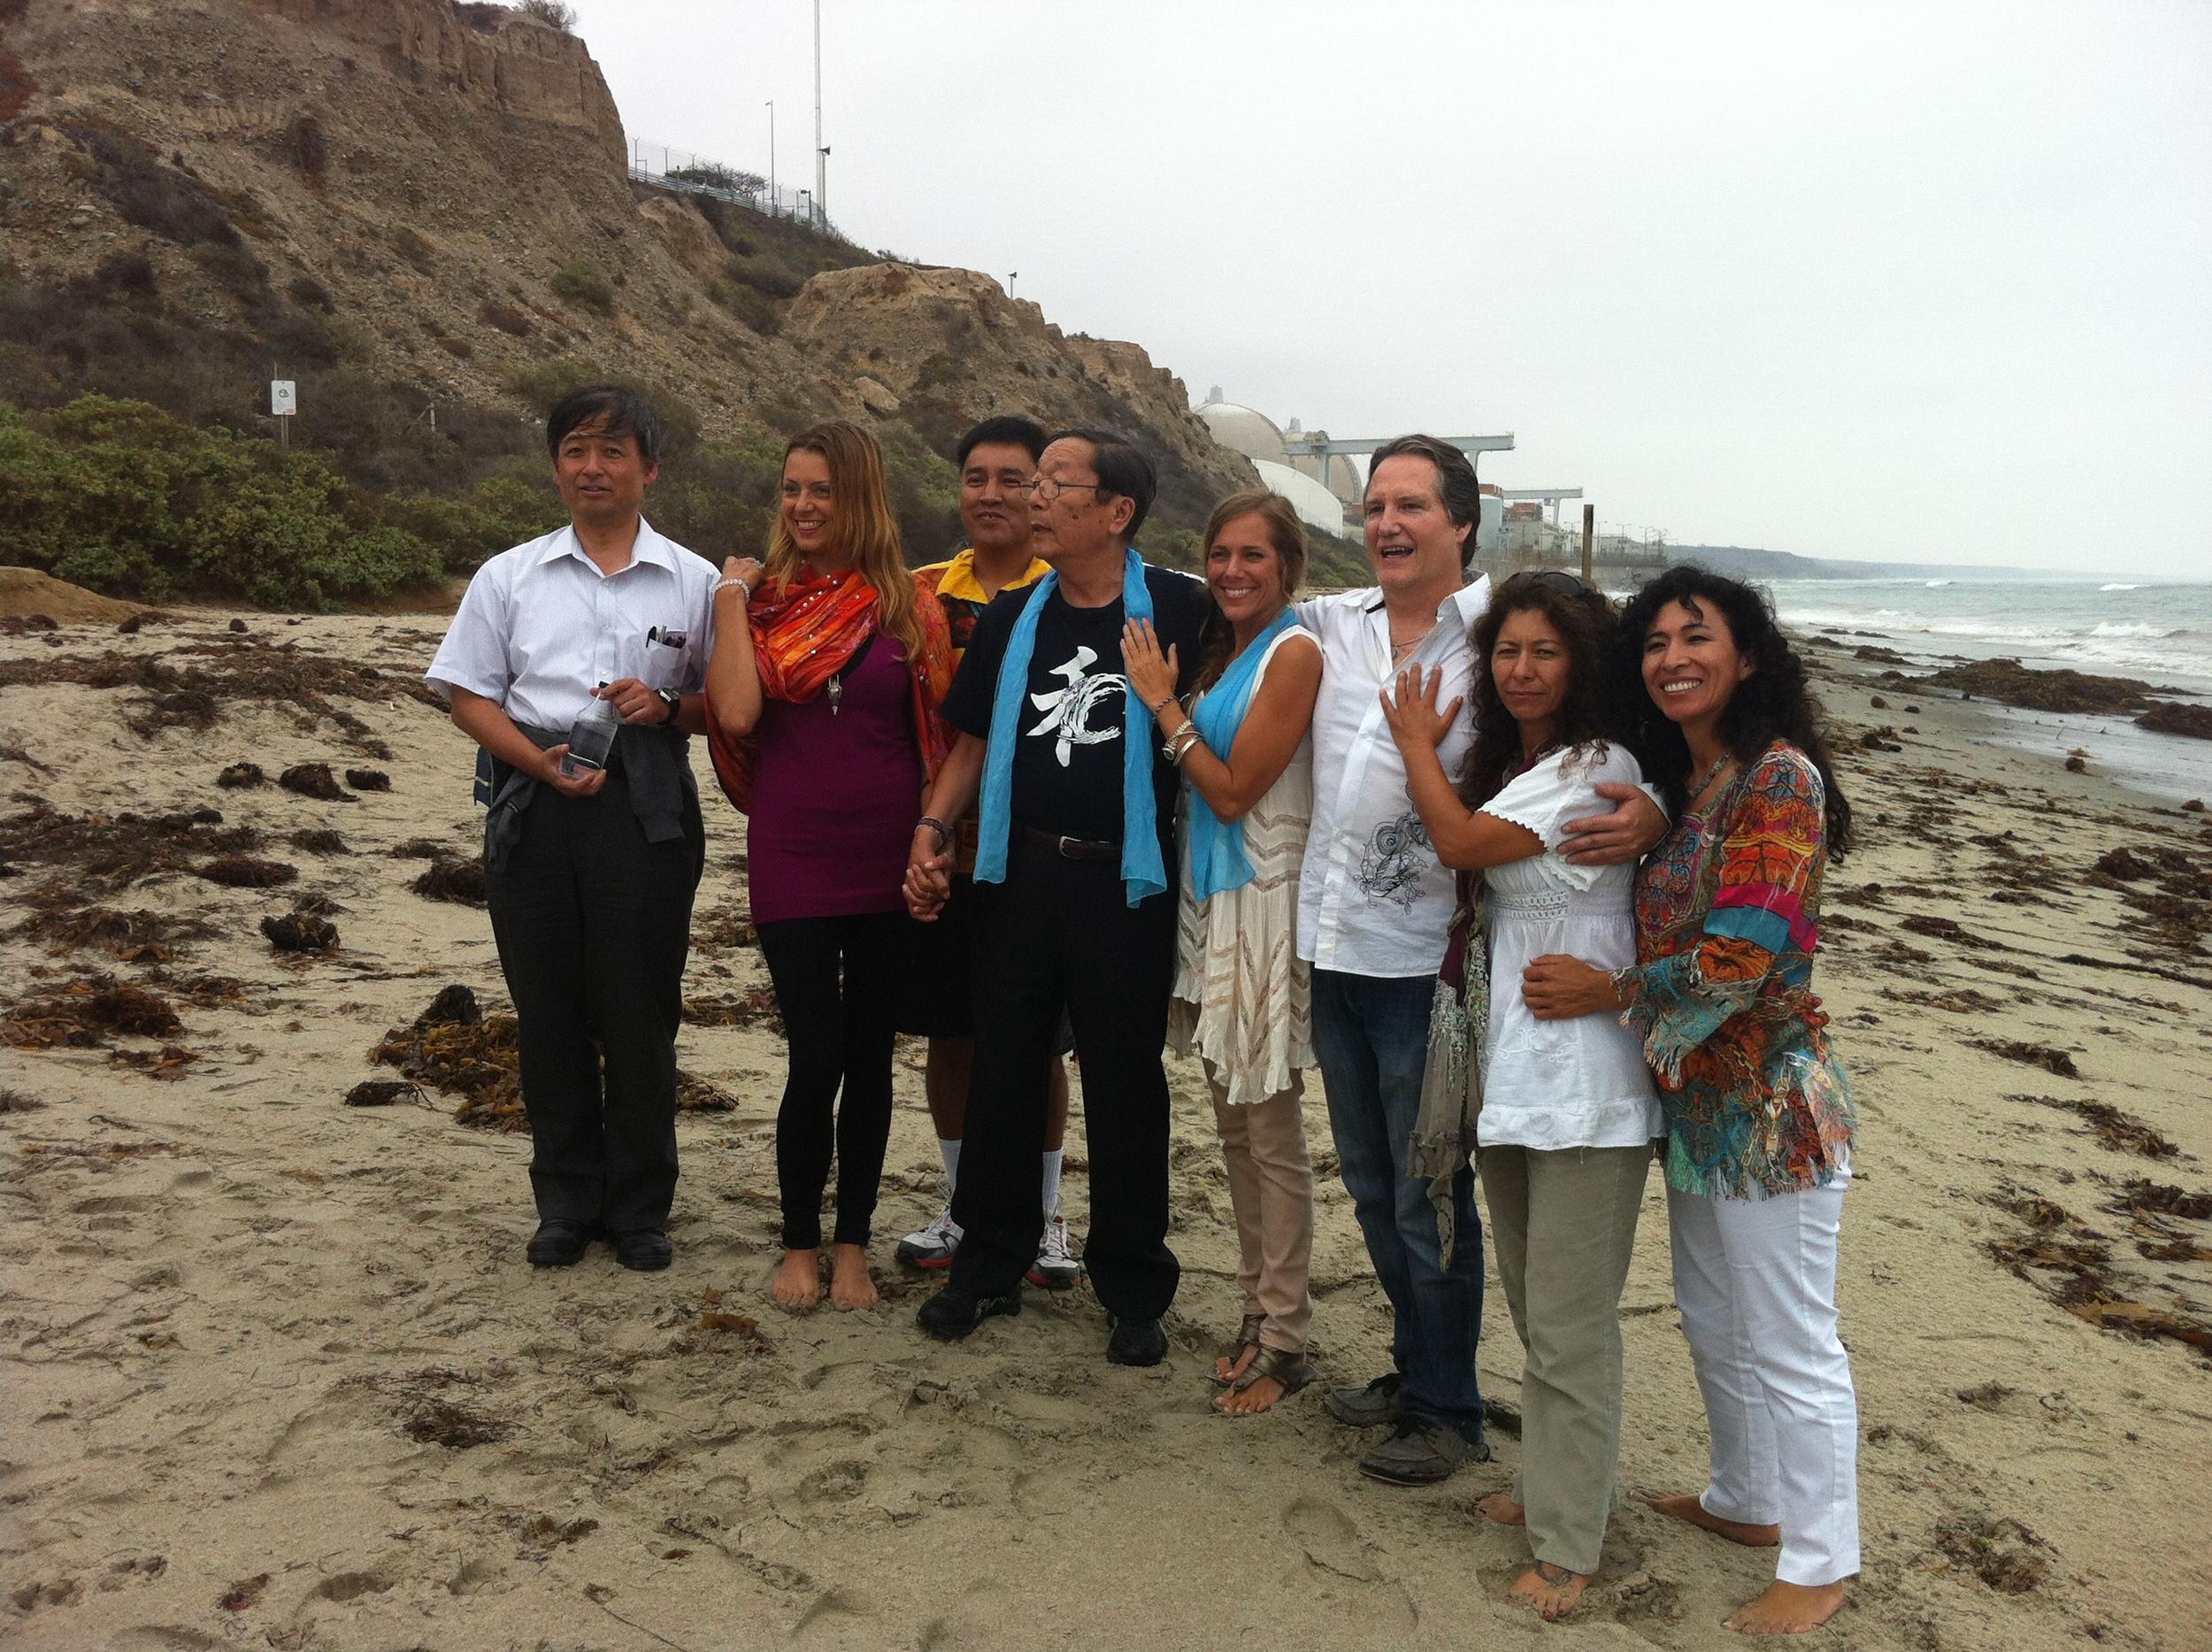 Dr. Emoto, July 2013